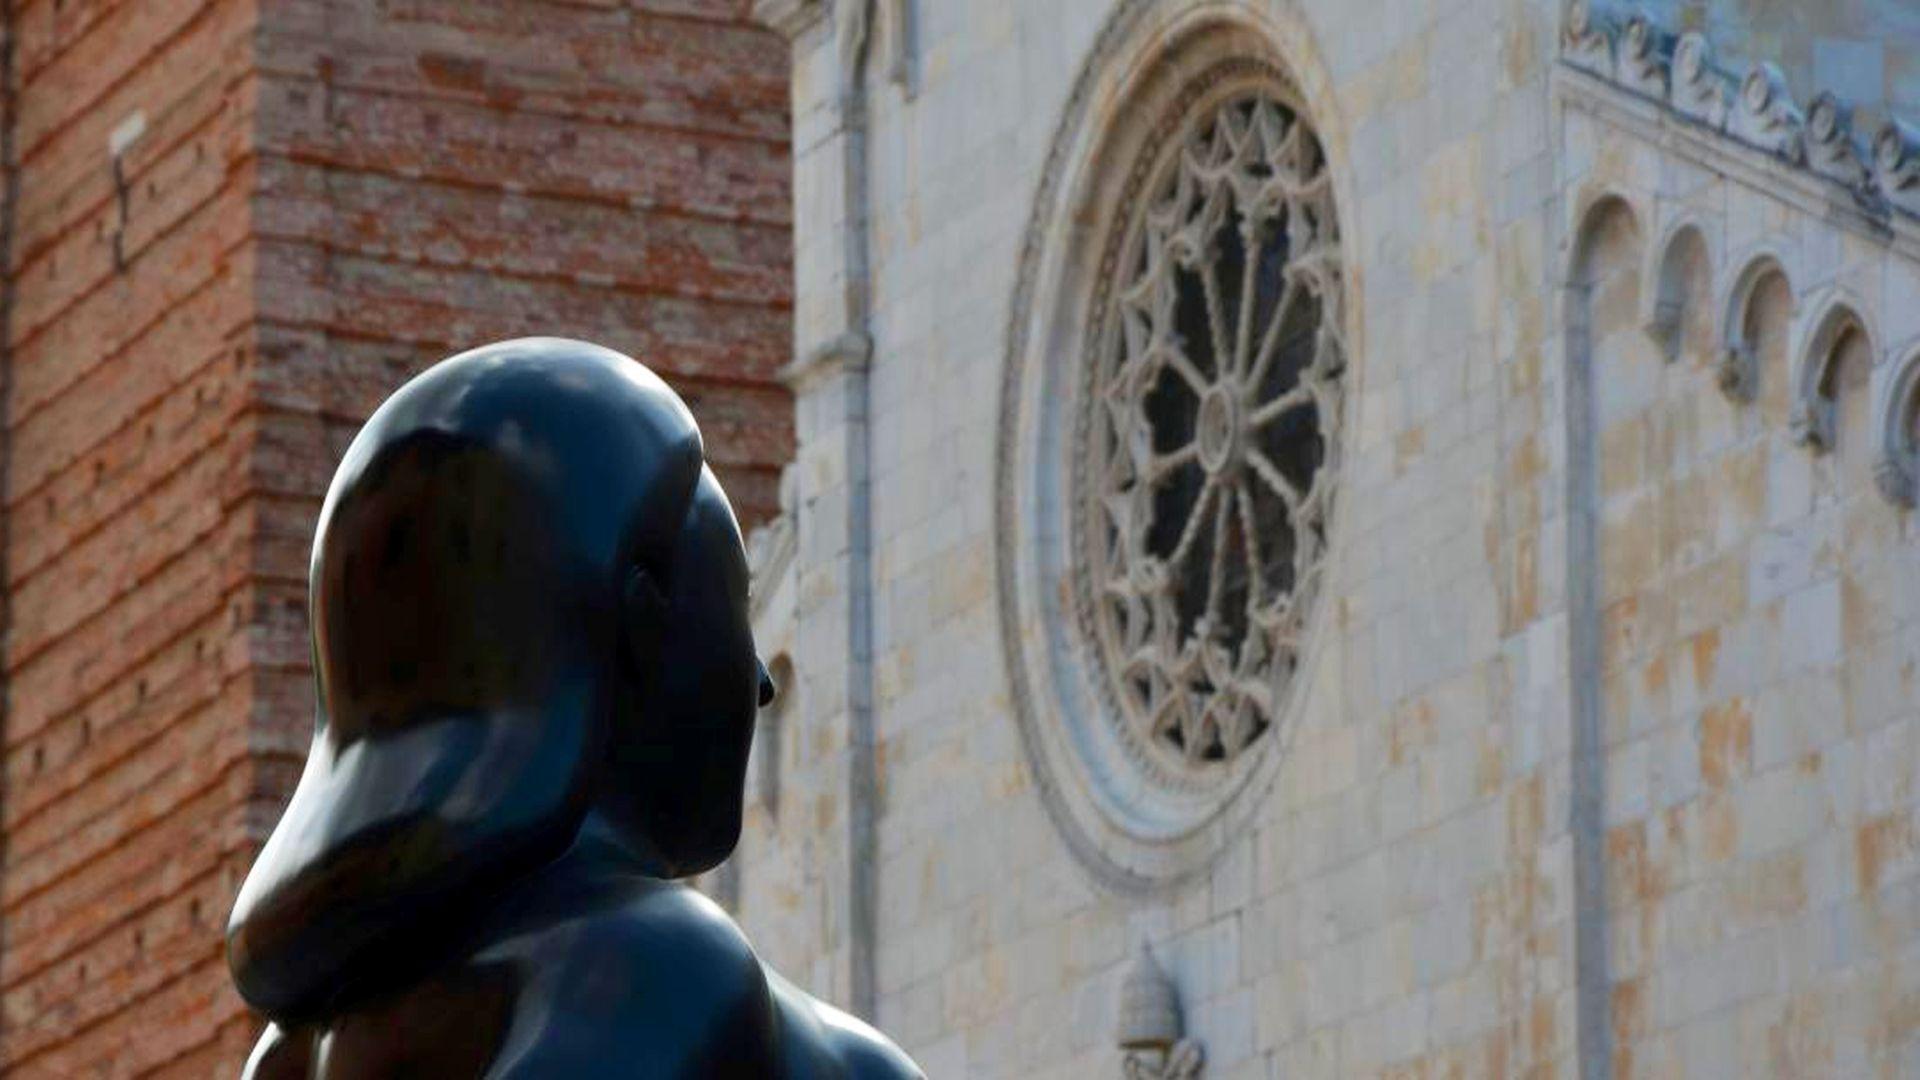 scultura di Botero di fronte al duomo di piertasanta